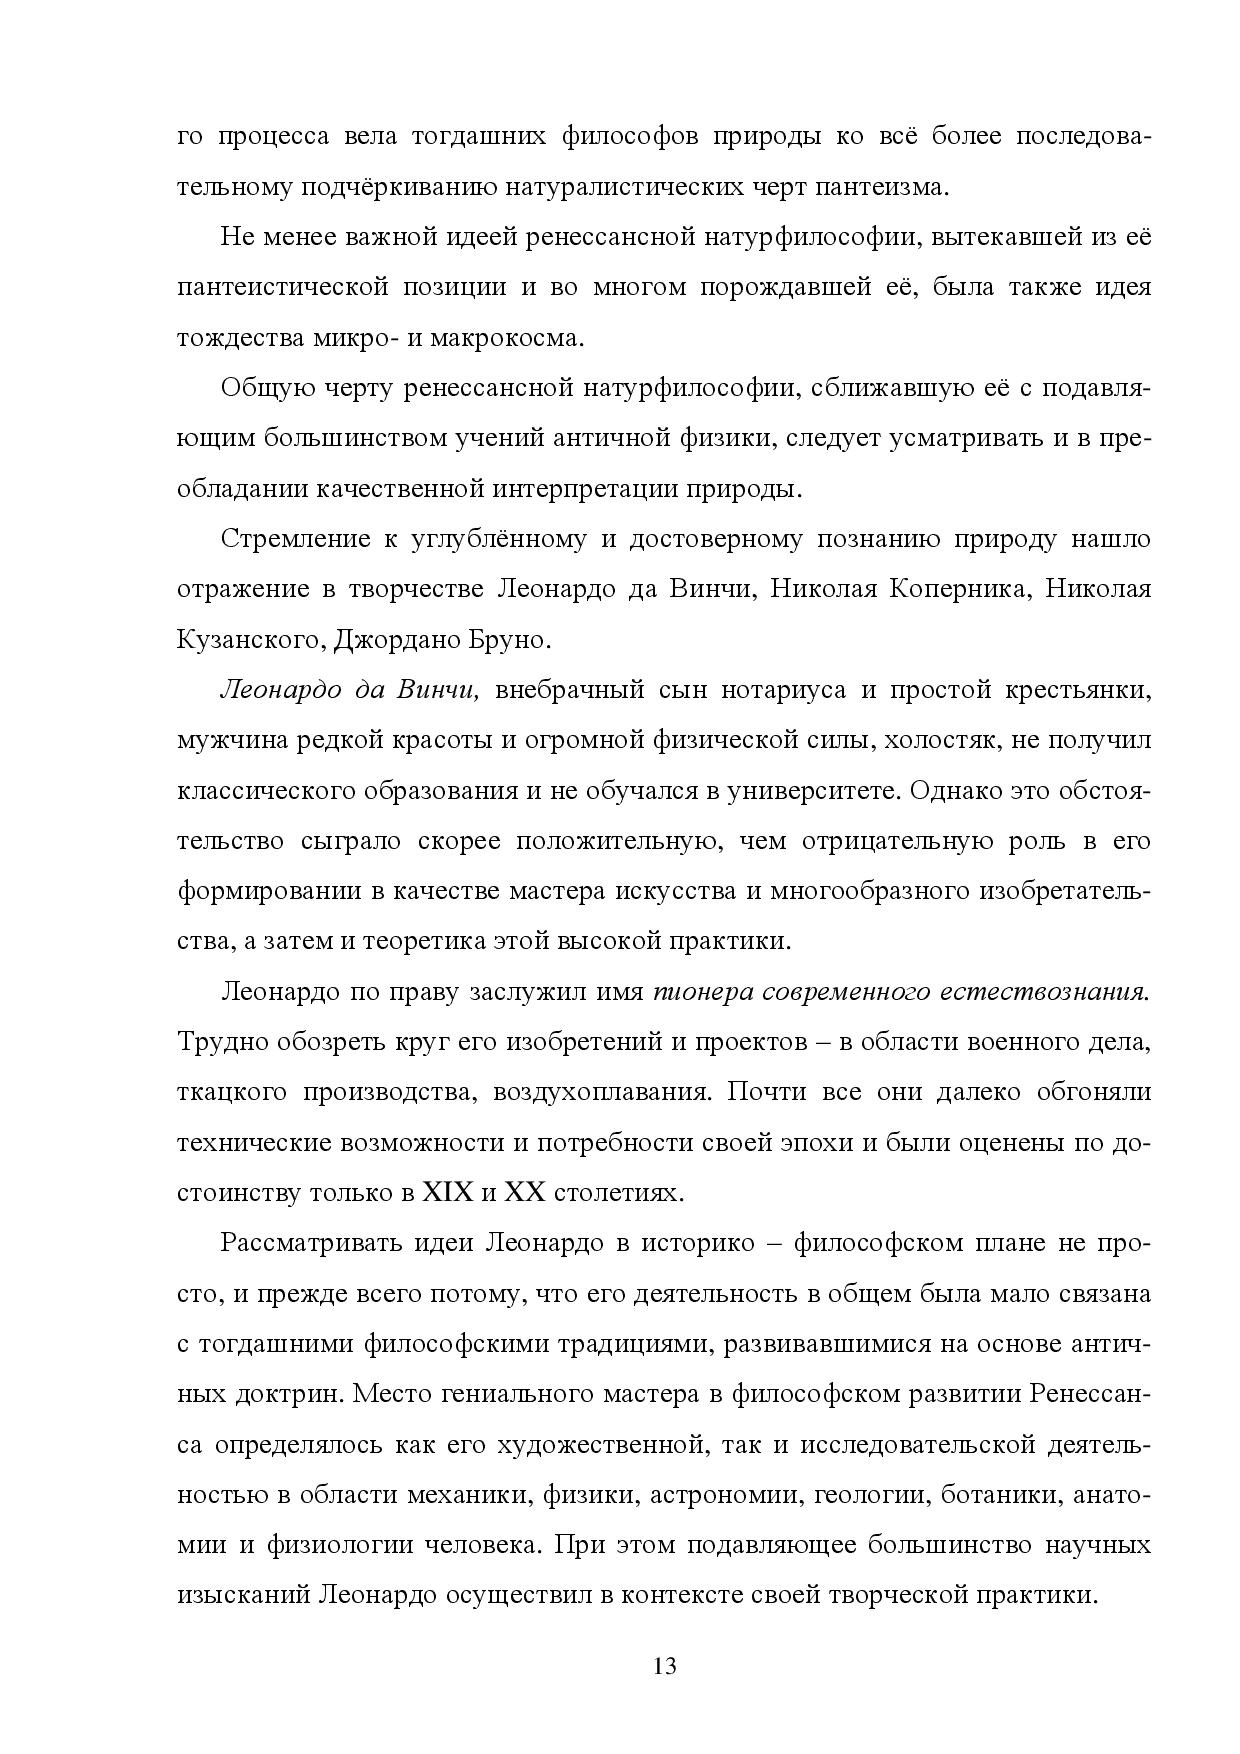 Пантеизм (pantheism).. теологический энциклопедический словарь